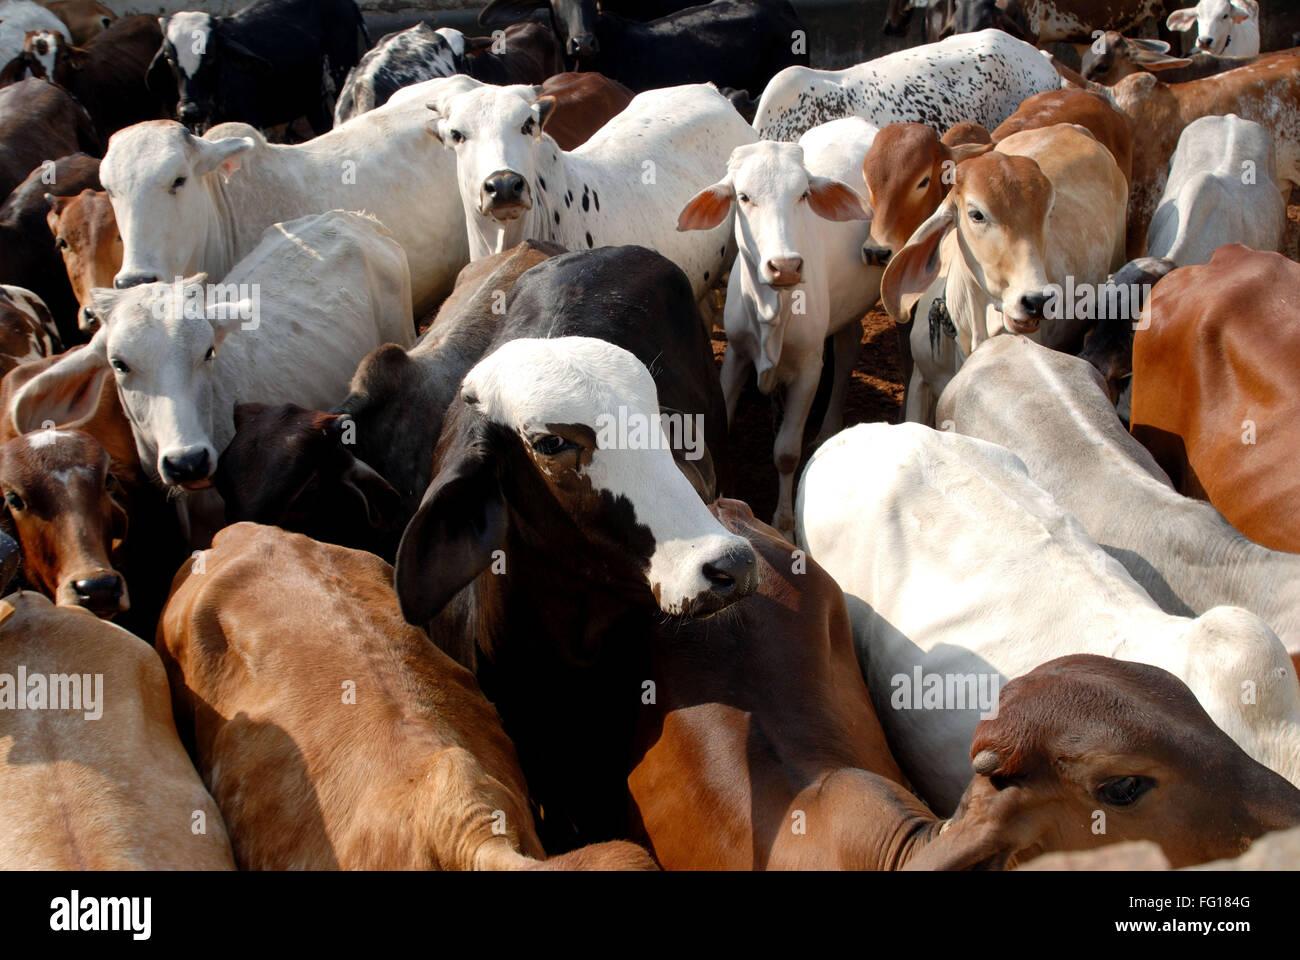 Tier, indische Kühe, Indien Stockfoto